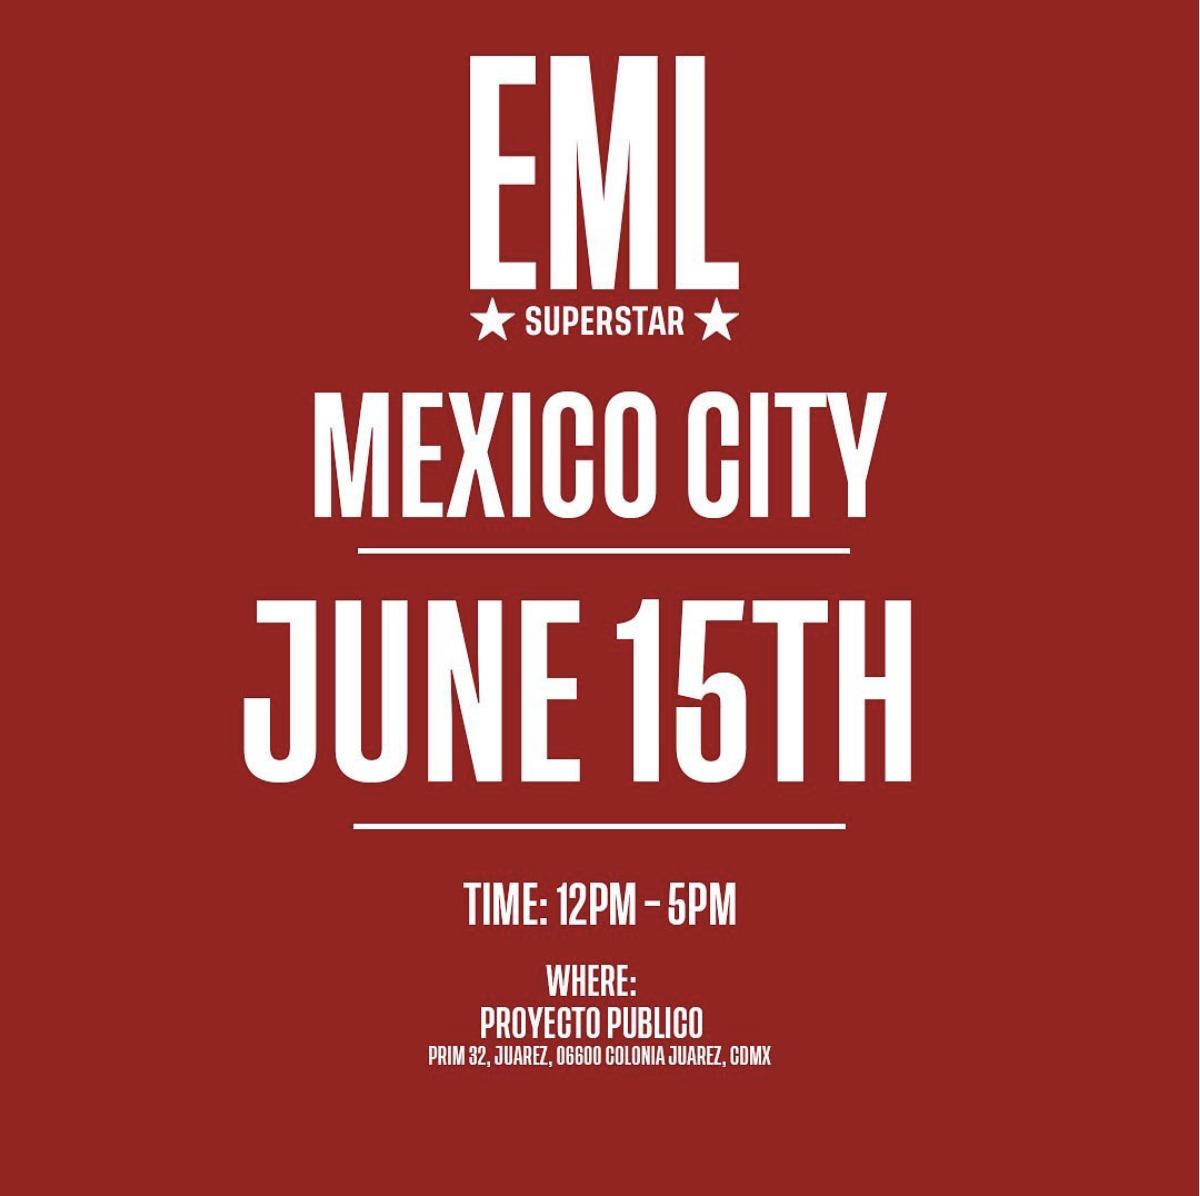 EML Superstars CDMX